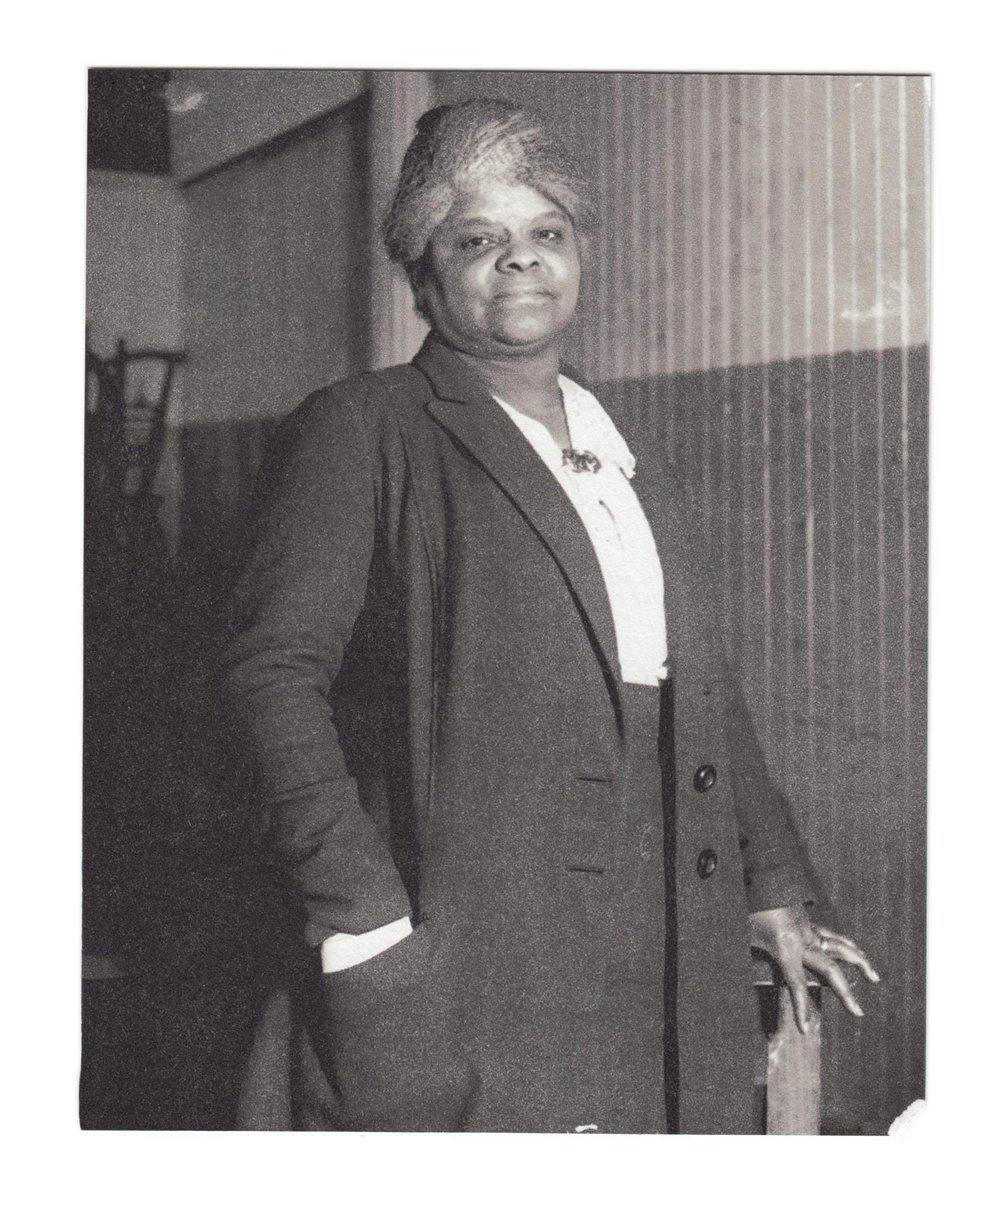 Ida B. Wells, via the  NYTimes Overlooked Project